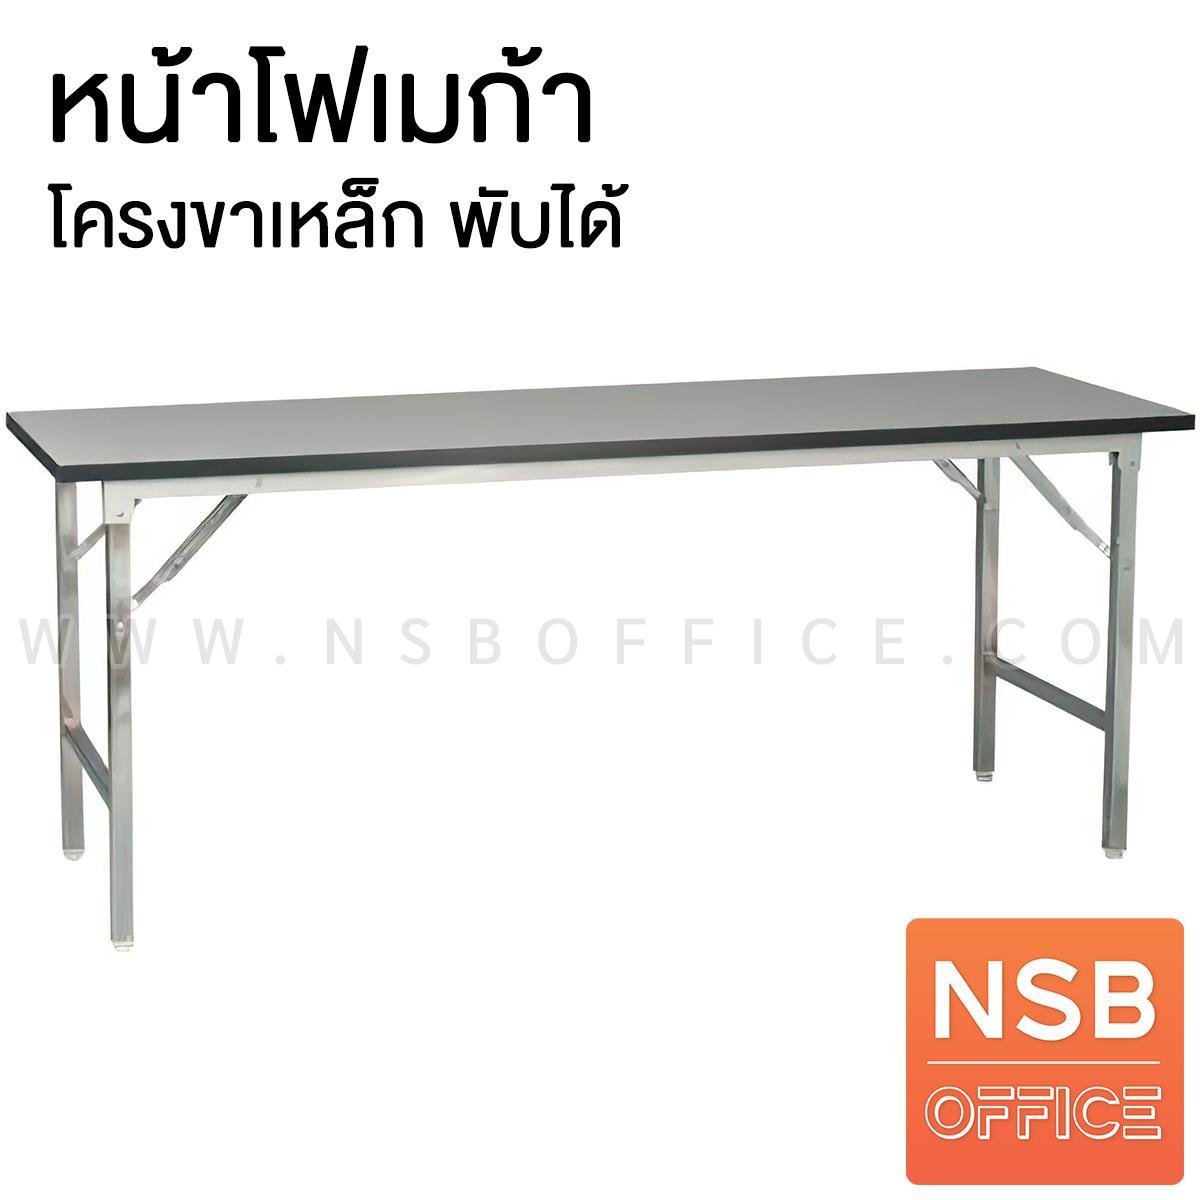 A07A084:โต๊ะพับหน้าโฟเมก้า  รุ่น Tasmania (แทสเมเนีย) ขนาด 152W, 183W cm.  ขาเหล็ก